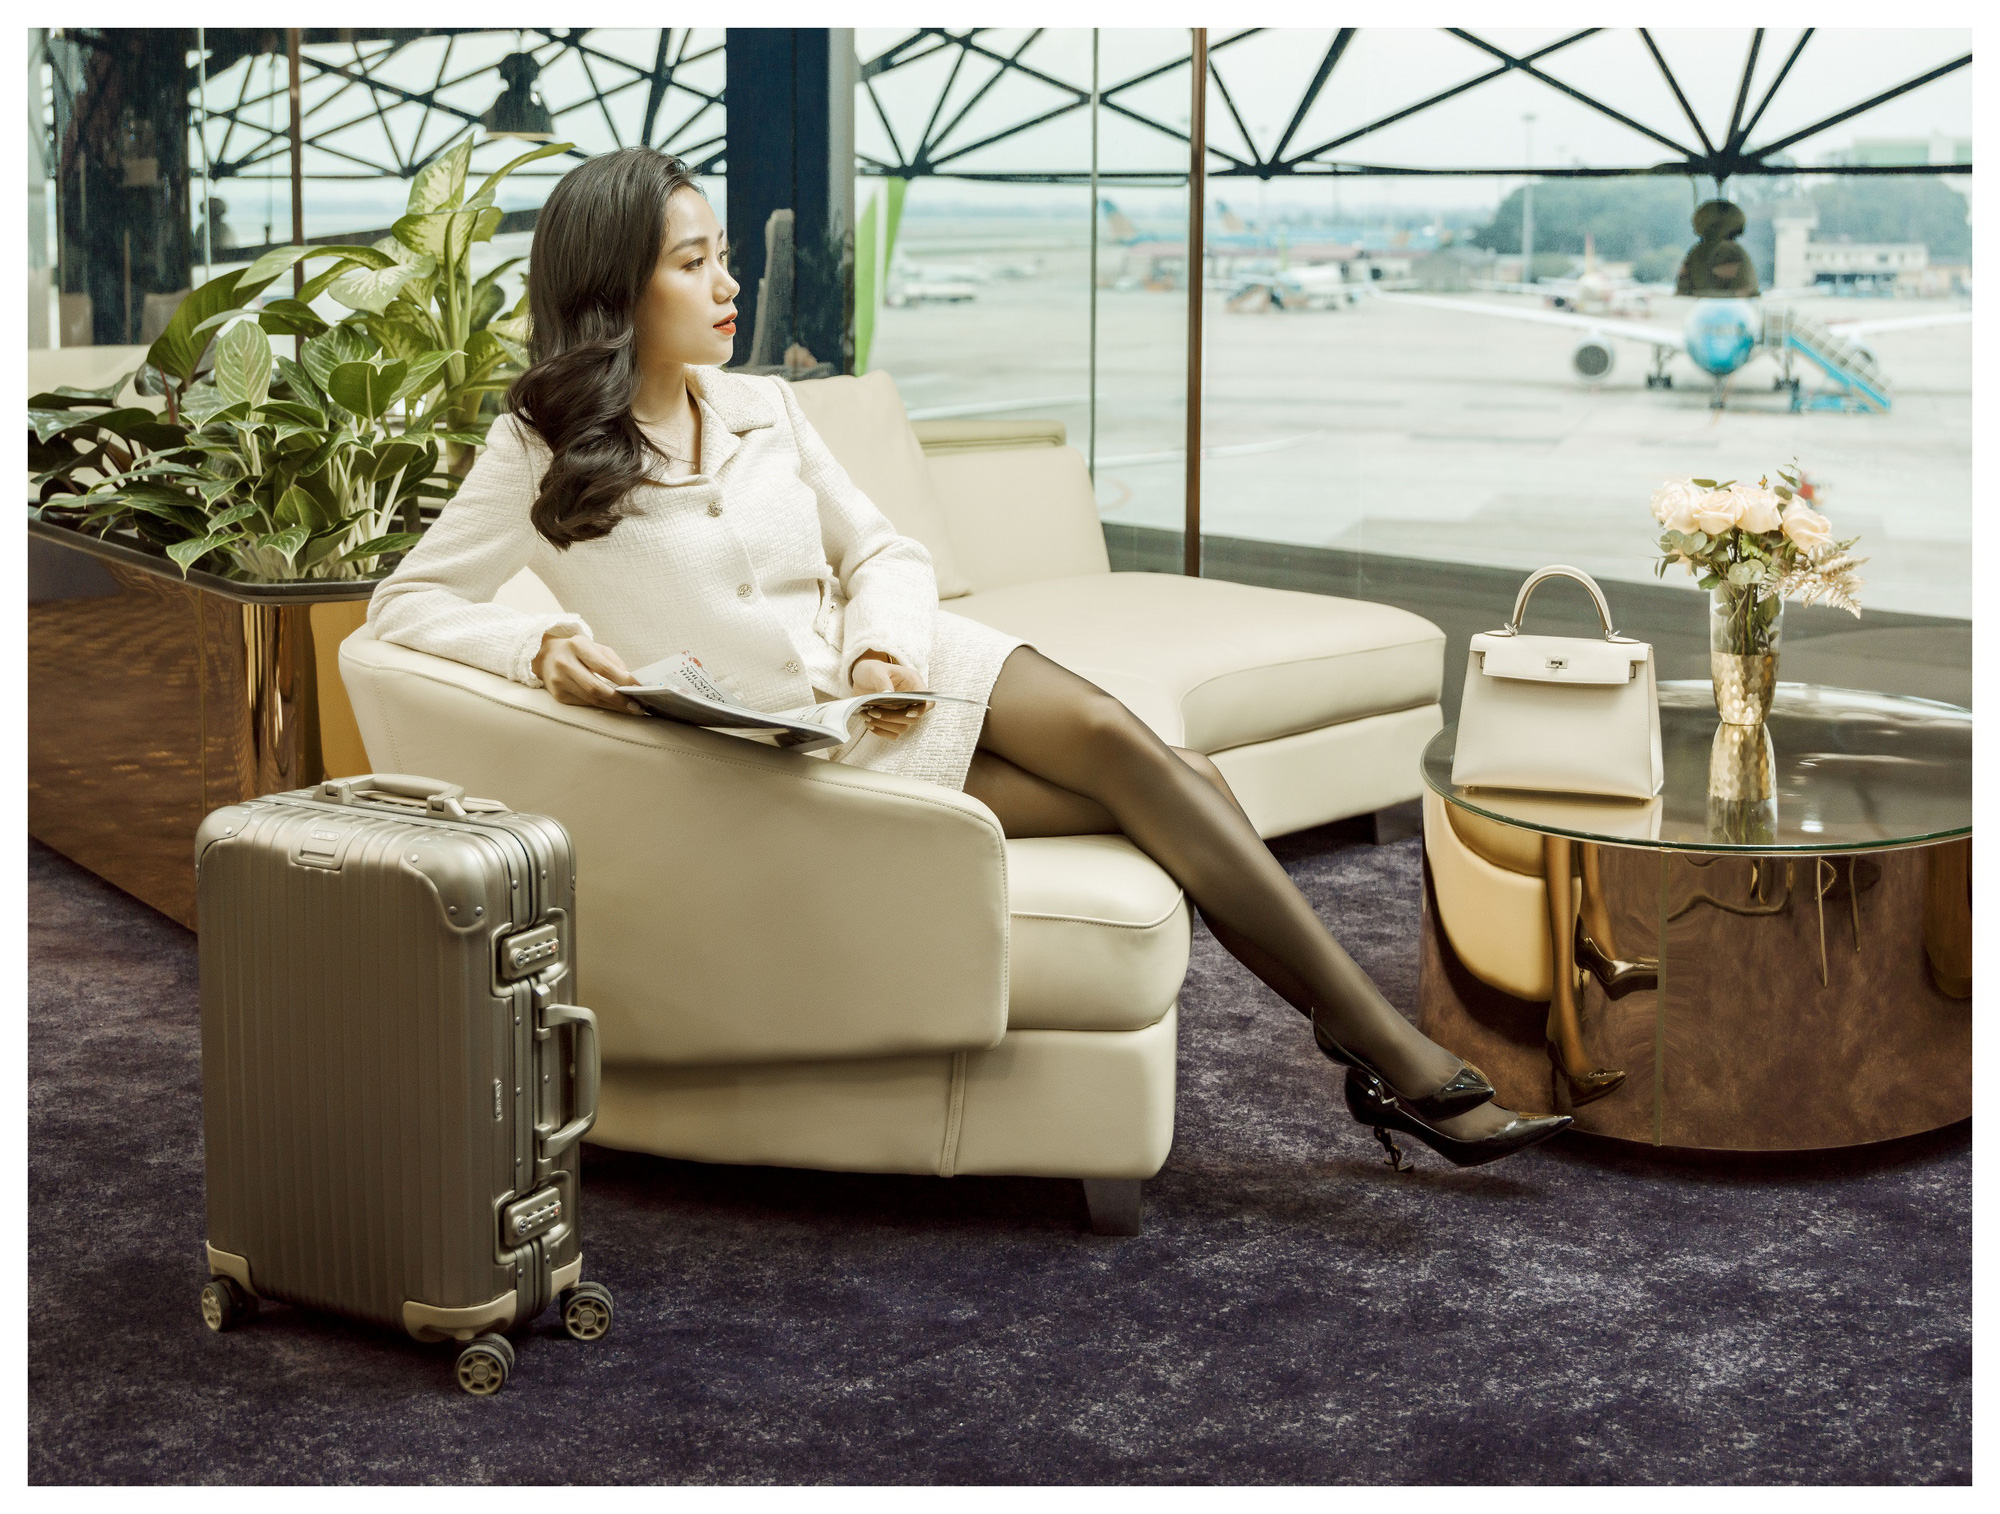 SHB First Club Nội Bài – phòng chờ sân bay mạ vàng 24K đầu tiên được ra mắt - Ảnh 3.